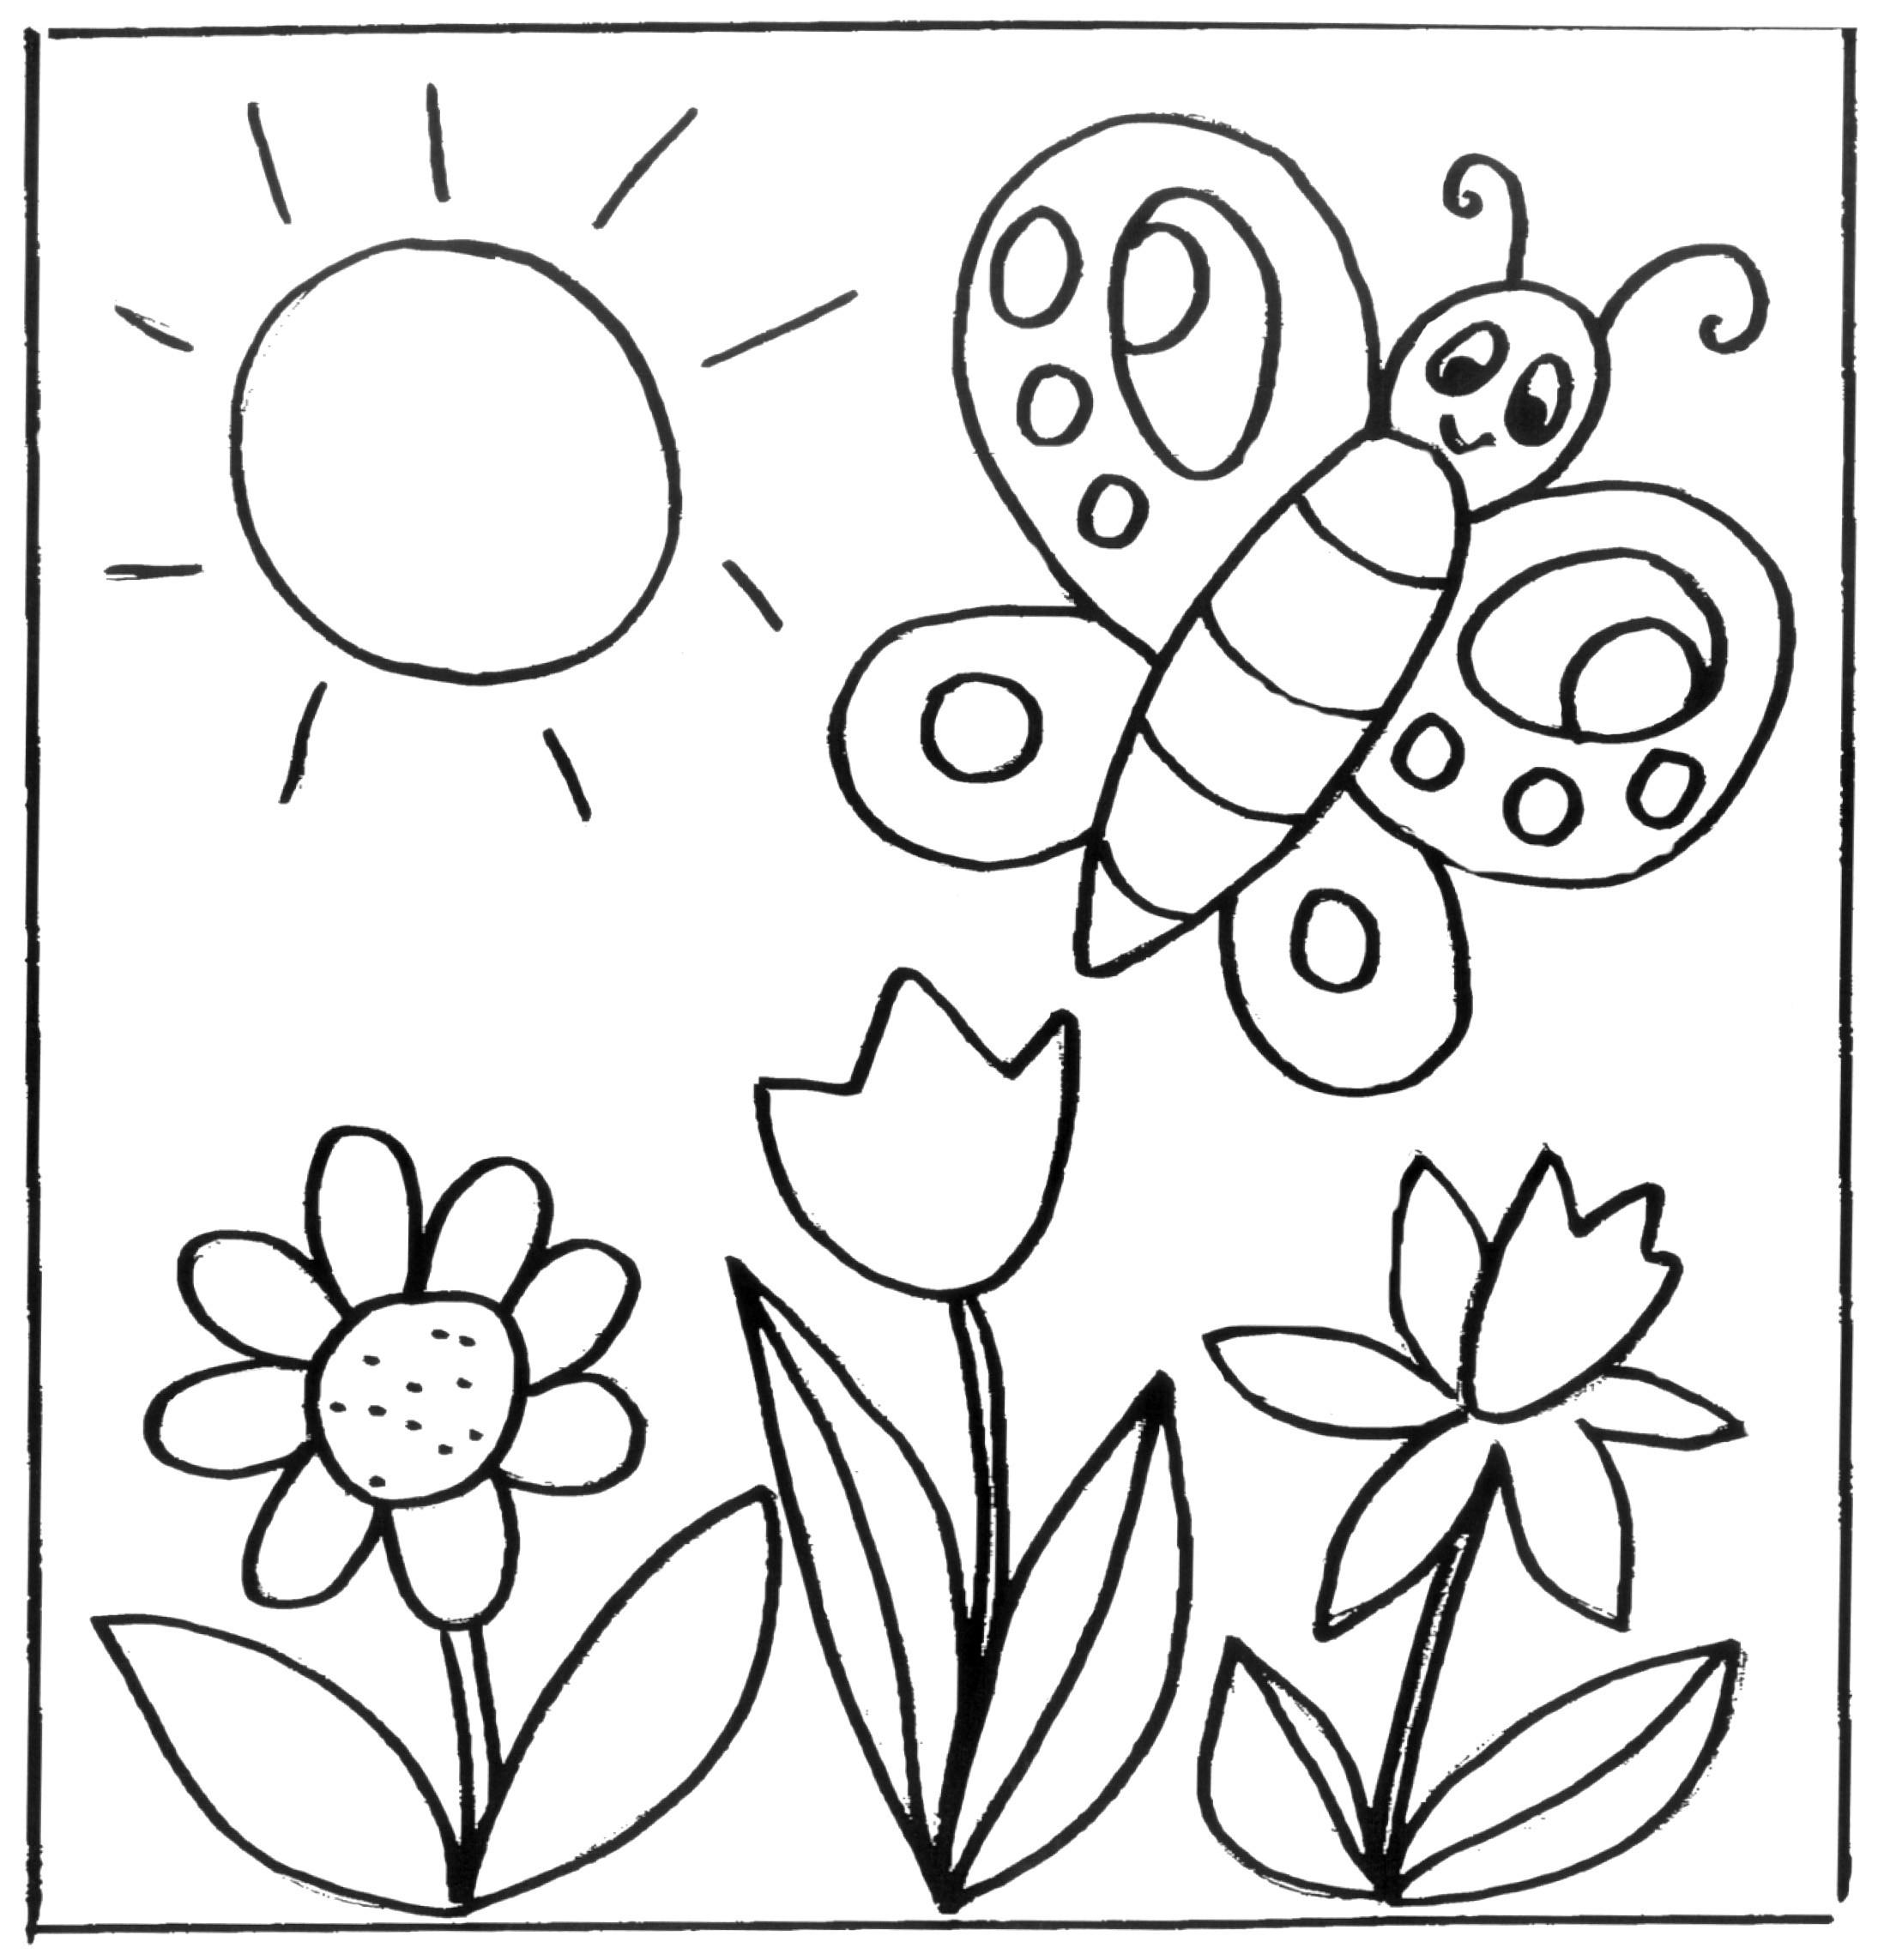 Blume Ausmalbilder  Malvorlagen Blumen kostenlose Ausmalbilder